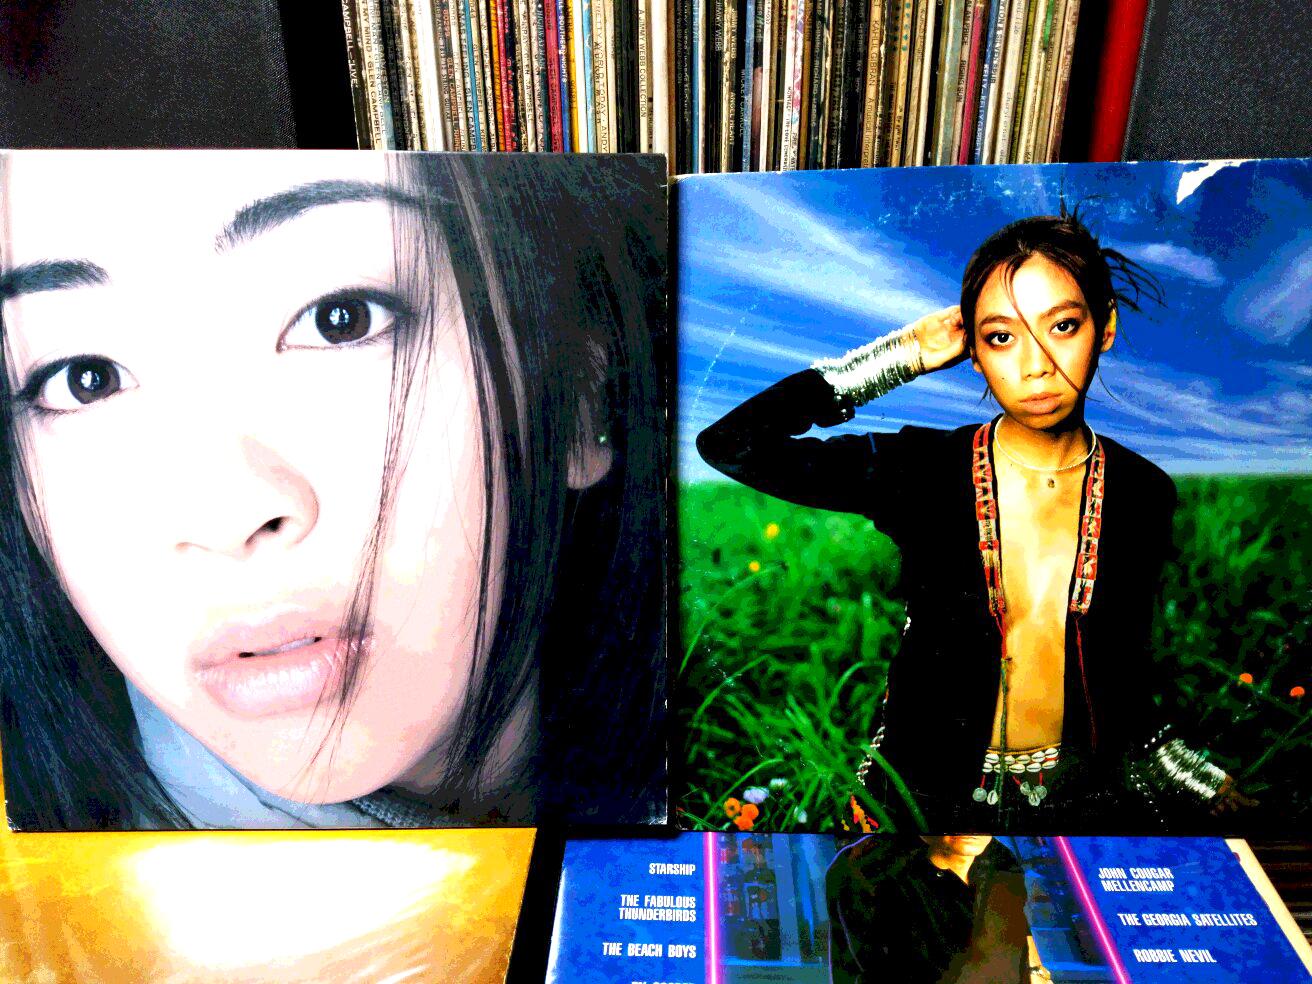 宇多田ヒカル『First Love』[1999年]とUA(ウーア)『11』[1996年]